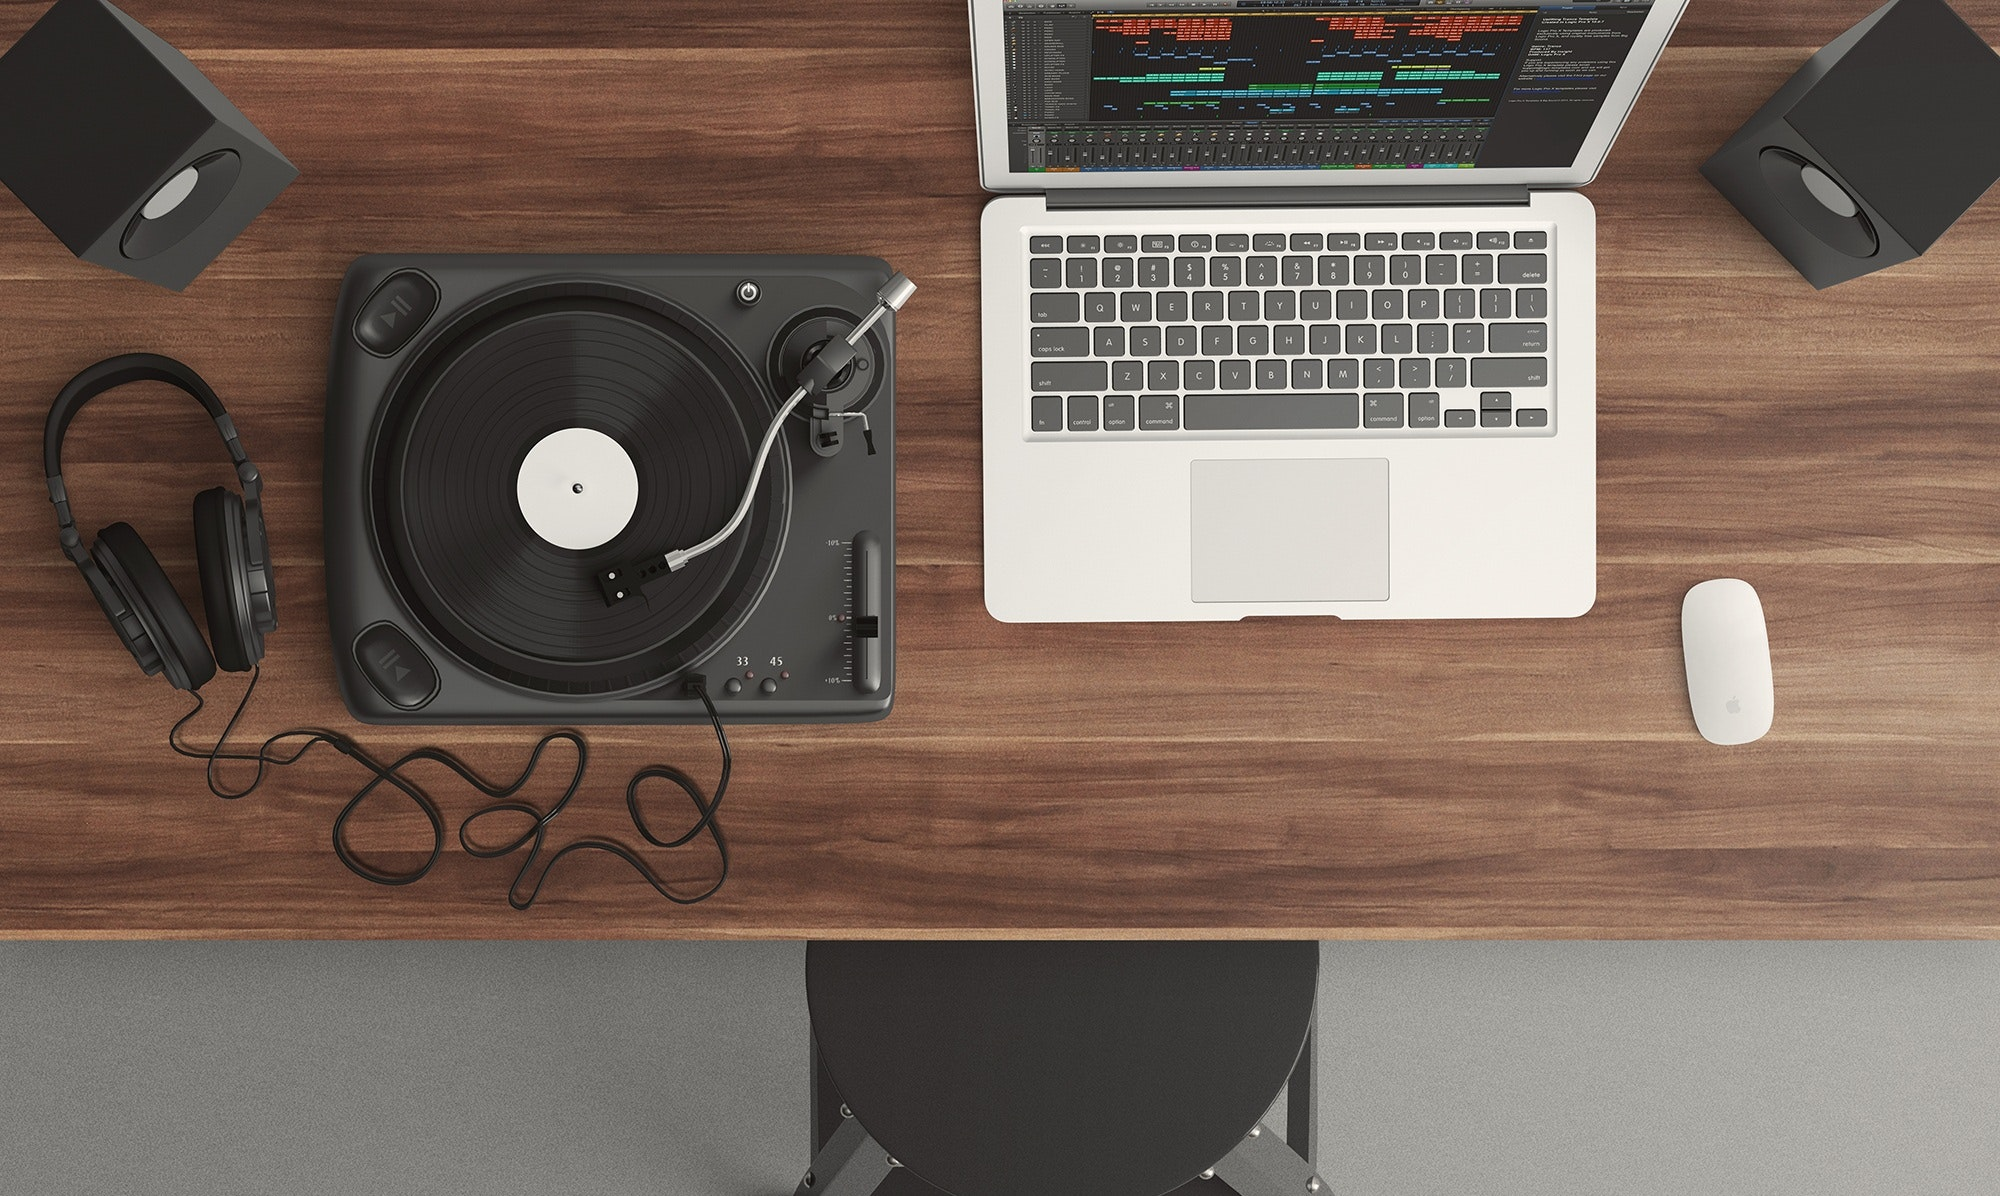 Macbook white photo